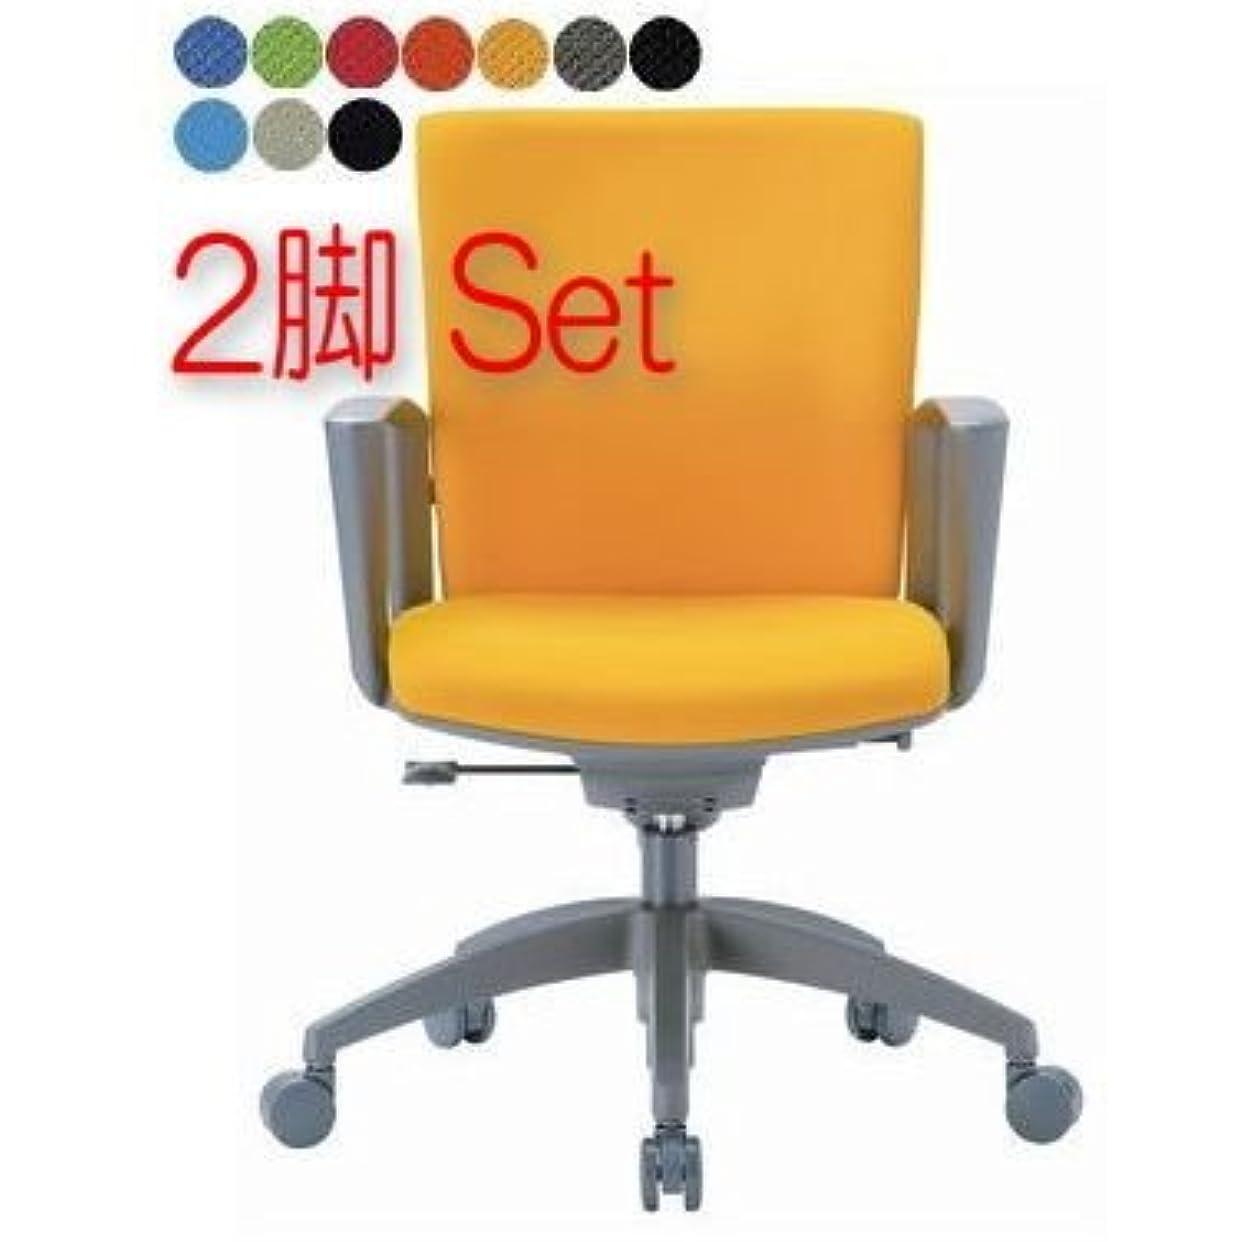 深いコロニークローゼット事務椅子 2台セット ローバック デスクチェア サークル肘付きタイプ OS-2215SJ イエロー